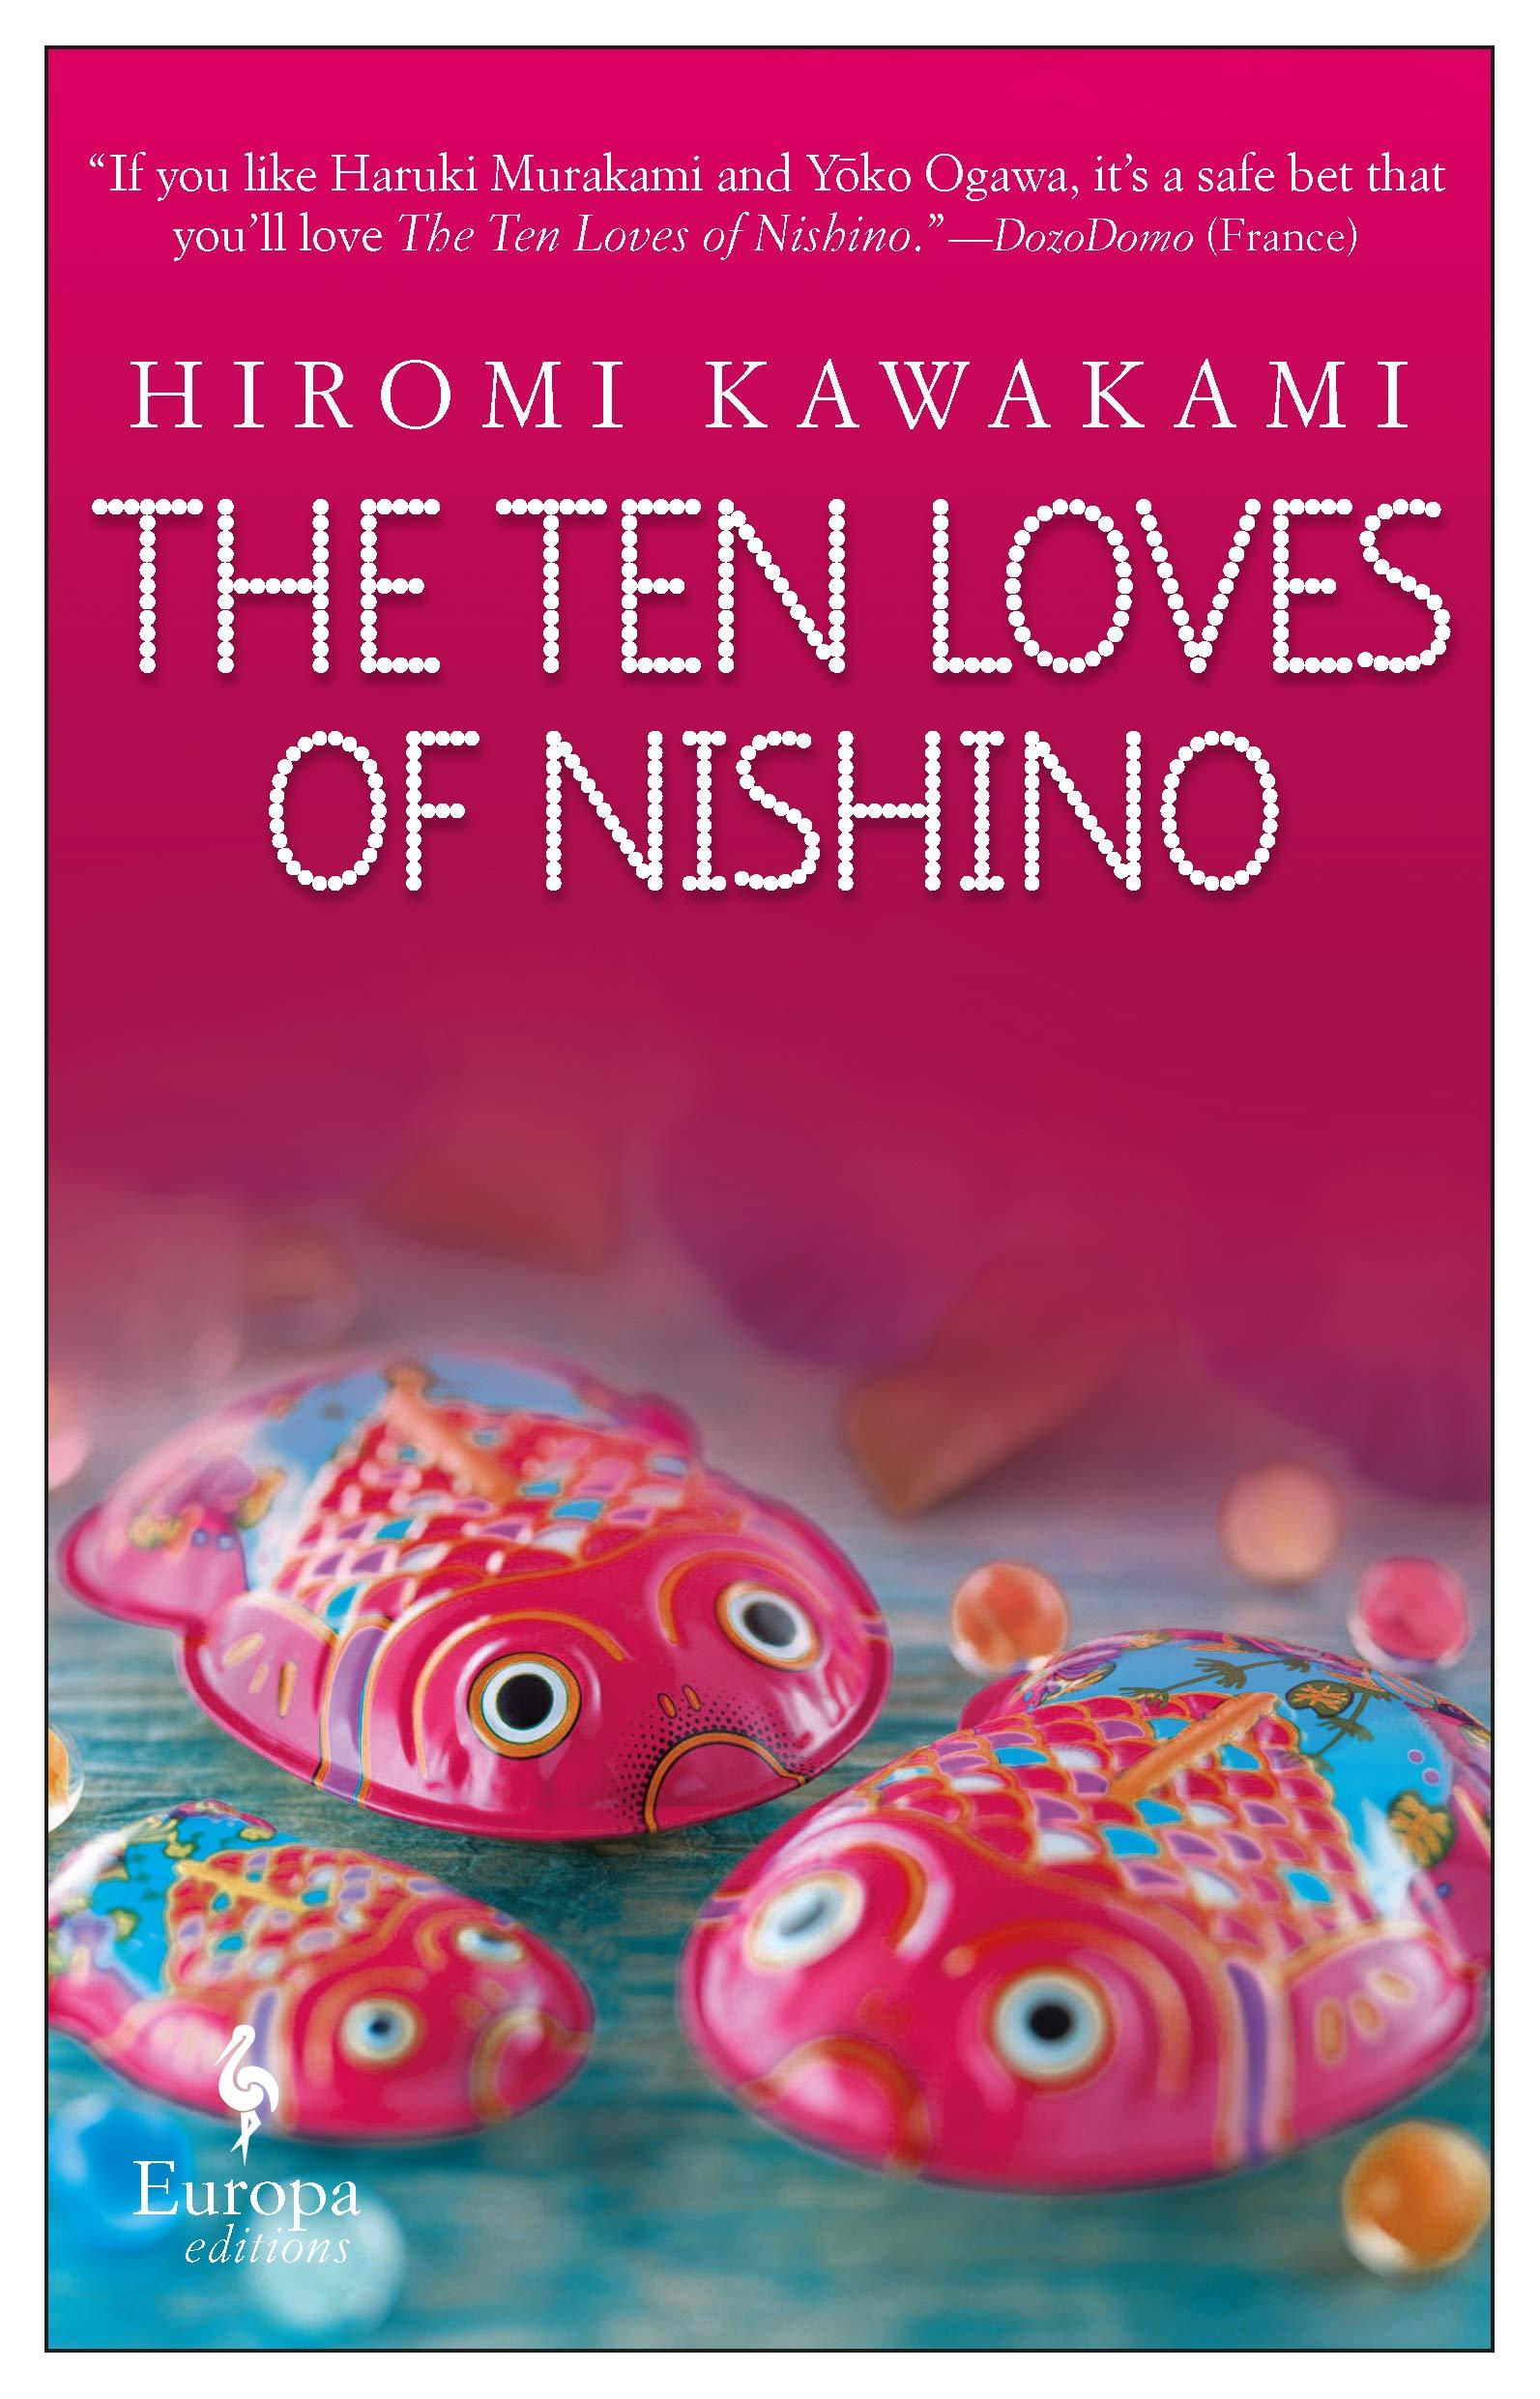 6 Japanese Books for Summer The Ten Loves of Nishino